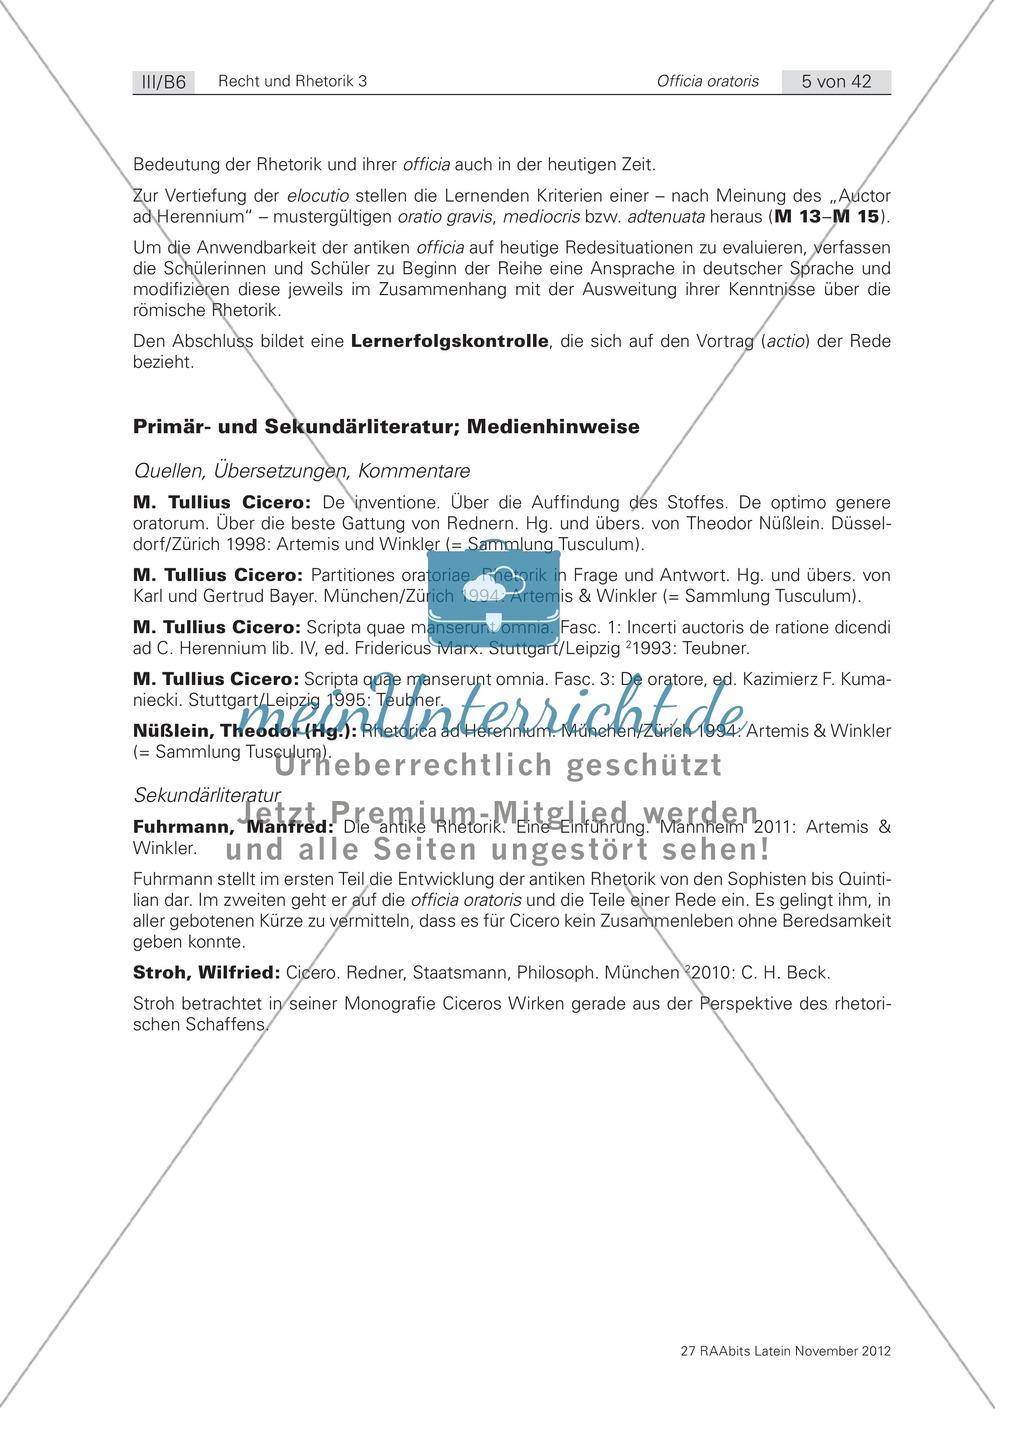 Primär- und Sekundärliteratur sowie Medienhinweise zur Theorie der römischen Rhetorik Preview 0